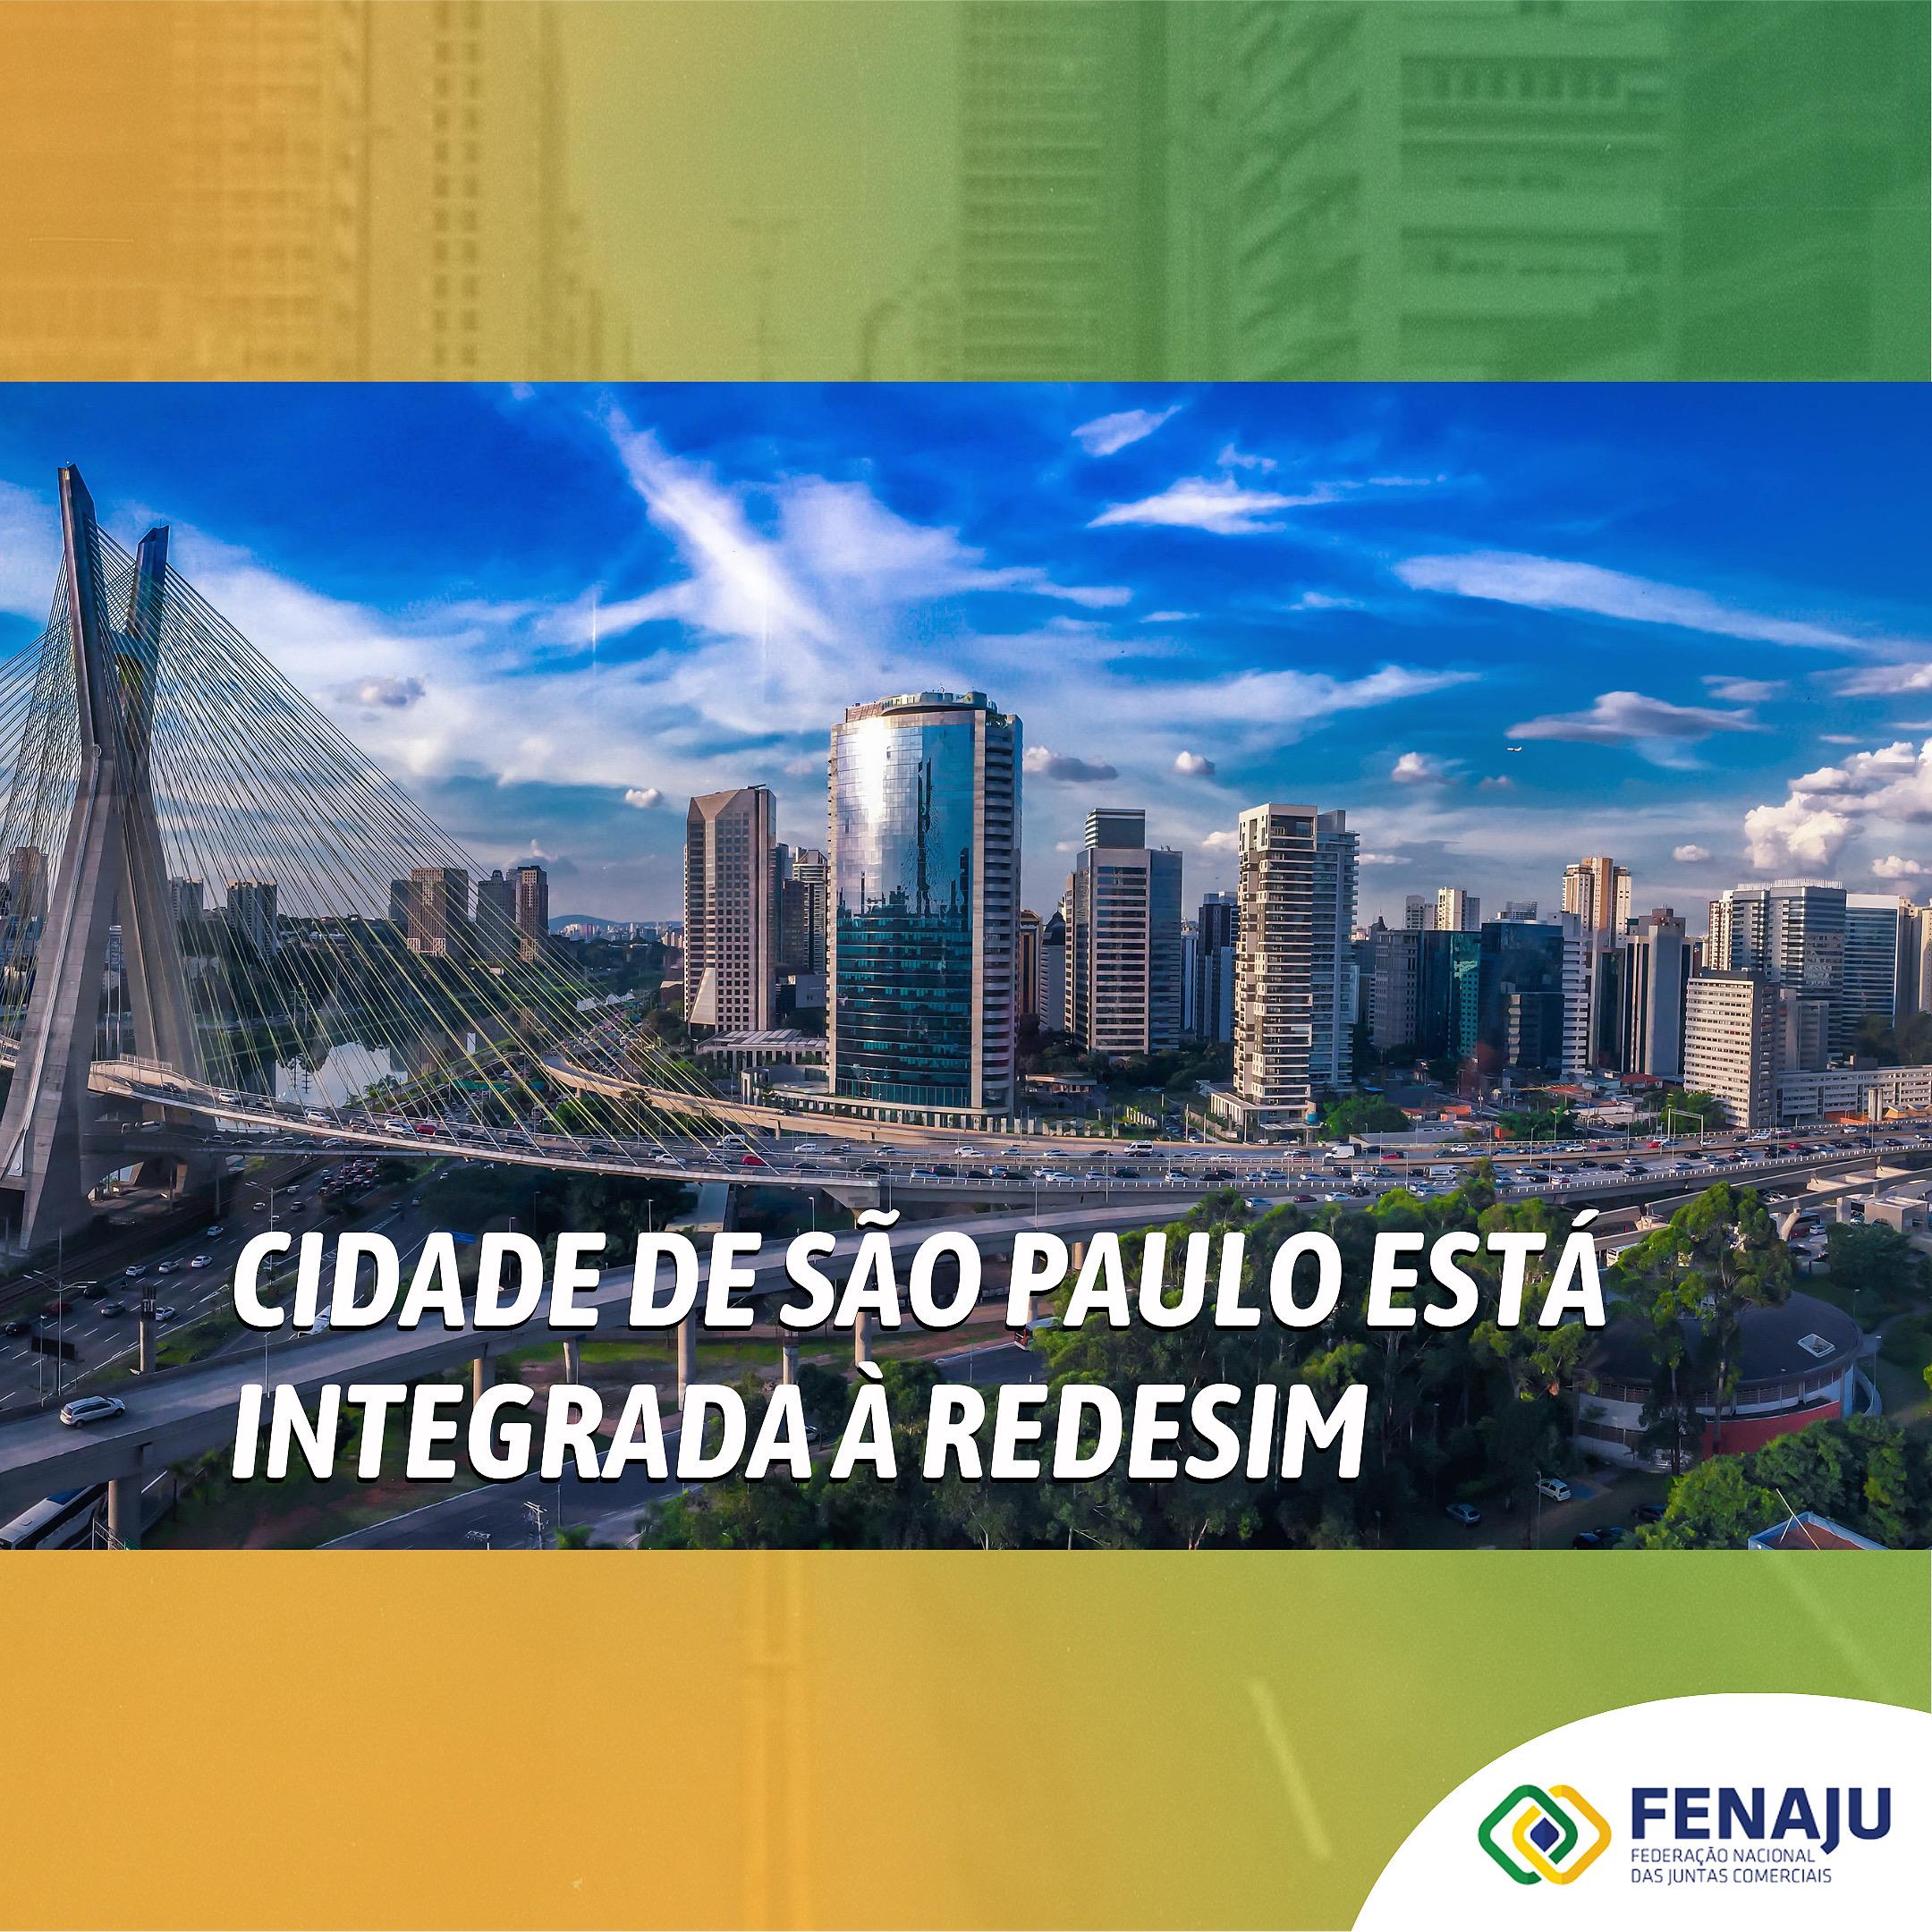 Cidade de São Paulo está integrada à REDESIM